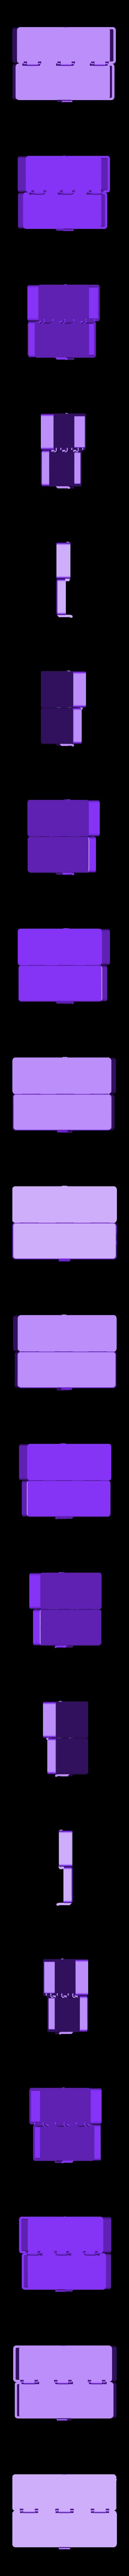 box02_35x203x100.stl Télécharger fichier STL gratuit boxer • Modèle pour impression 3D, zibi36